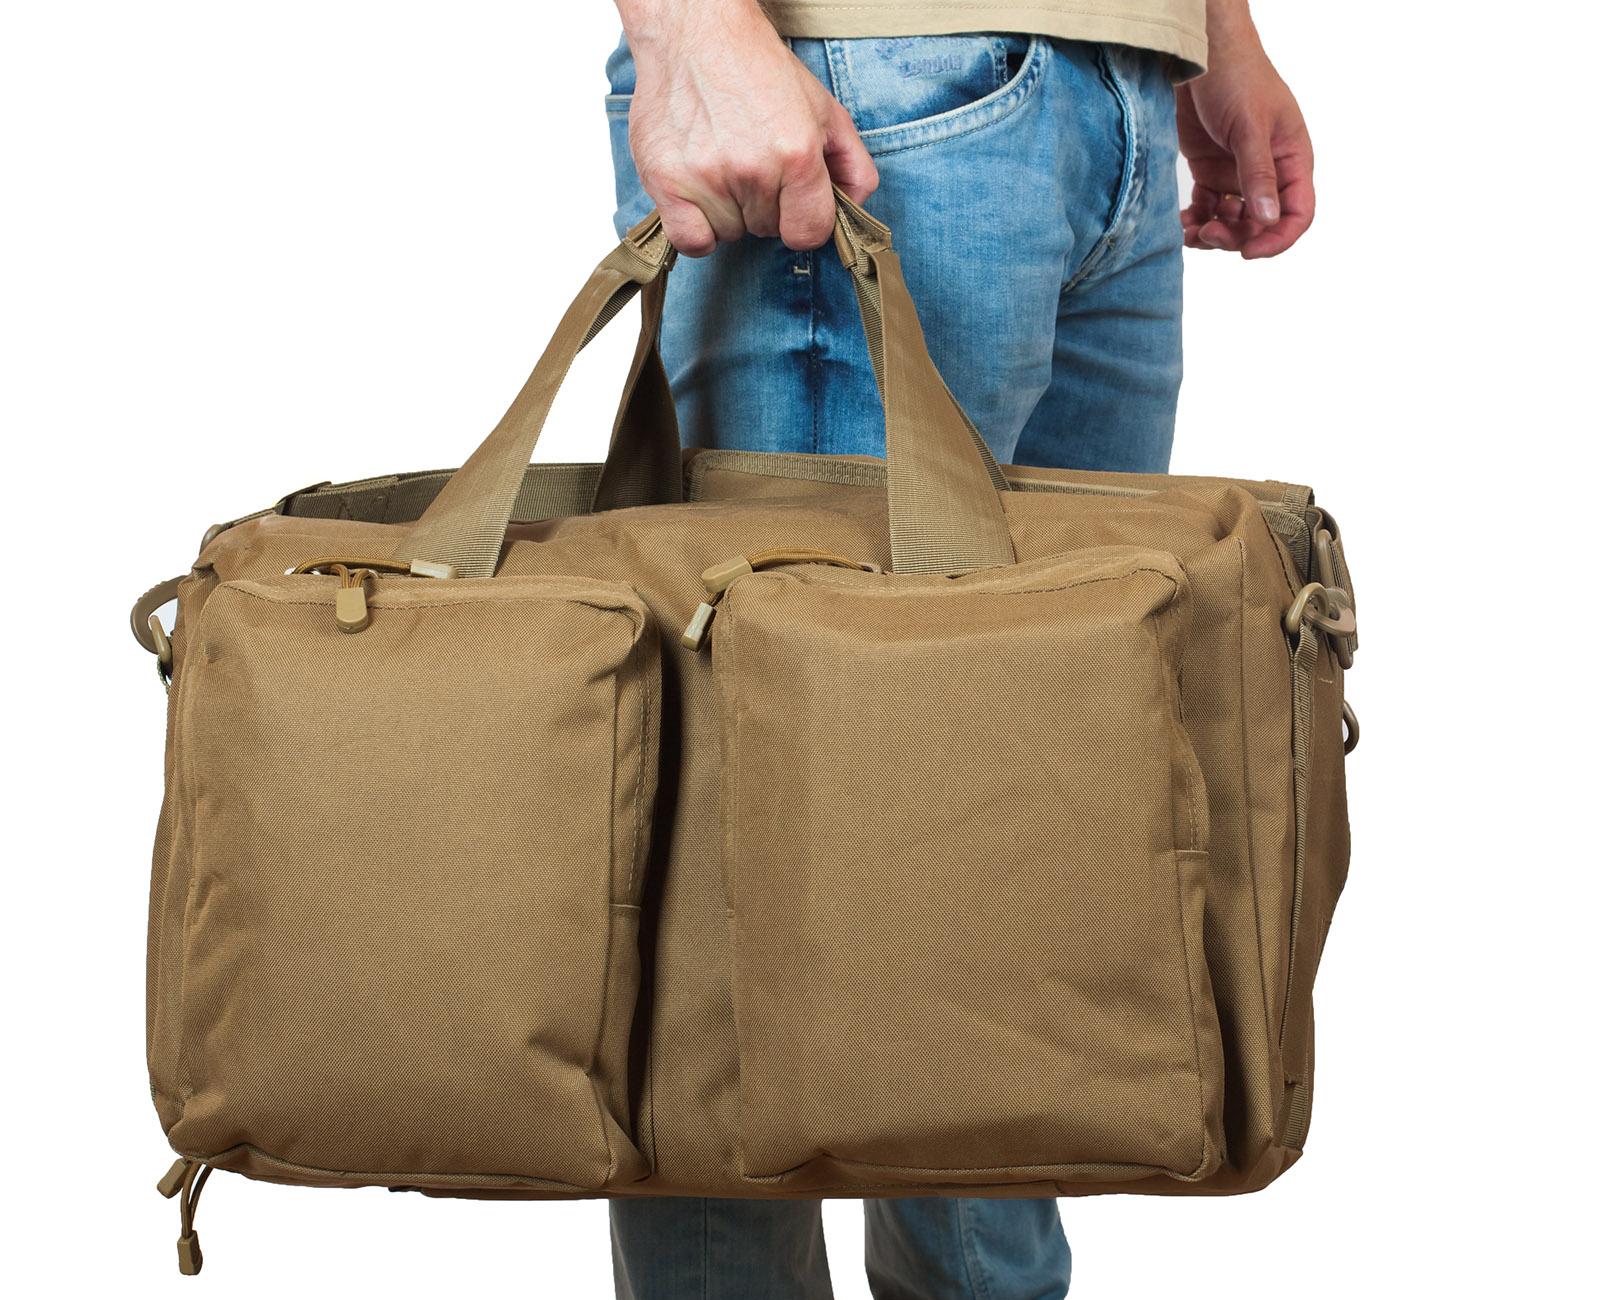 Мужская походная сумка с нашивкой Русская Охота - заказать с доставкой